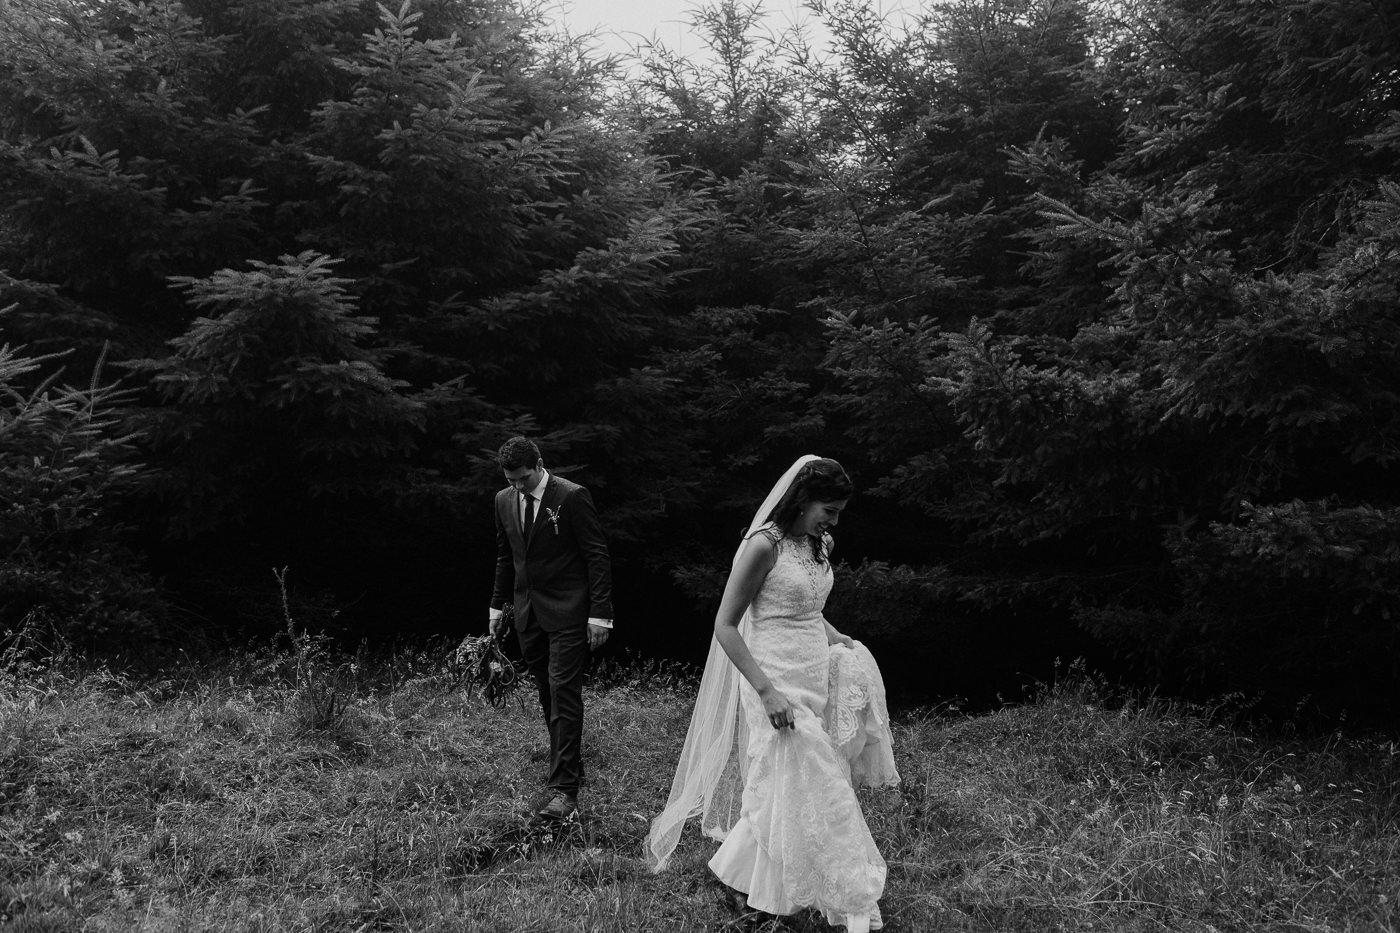 nz_wedding_photographer_gisborne-1076.jpg